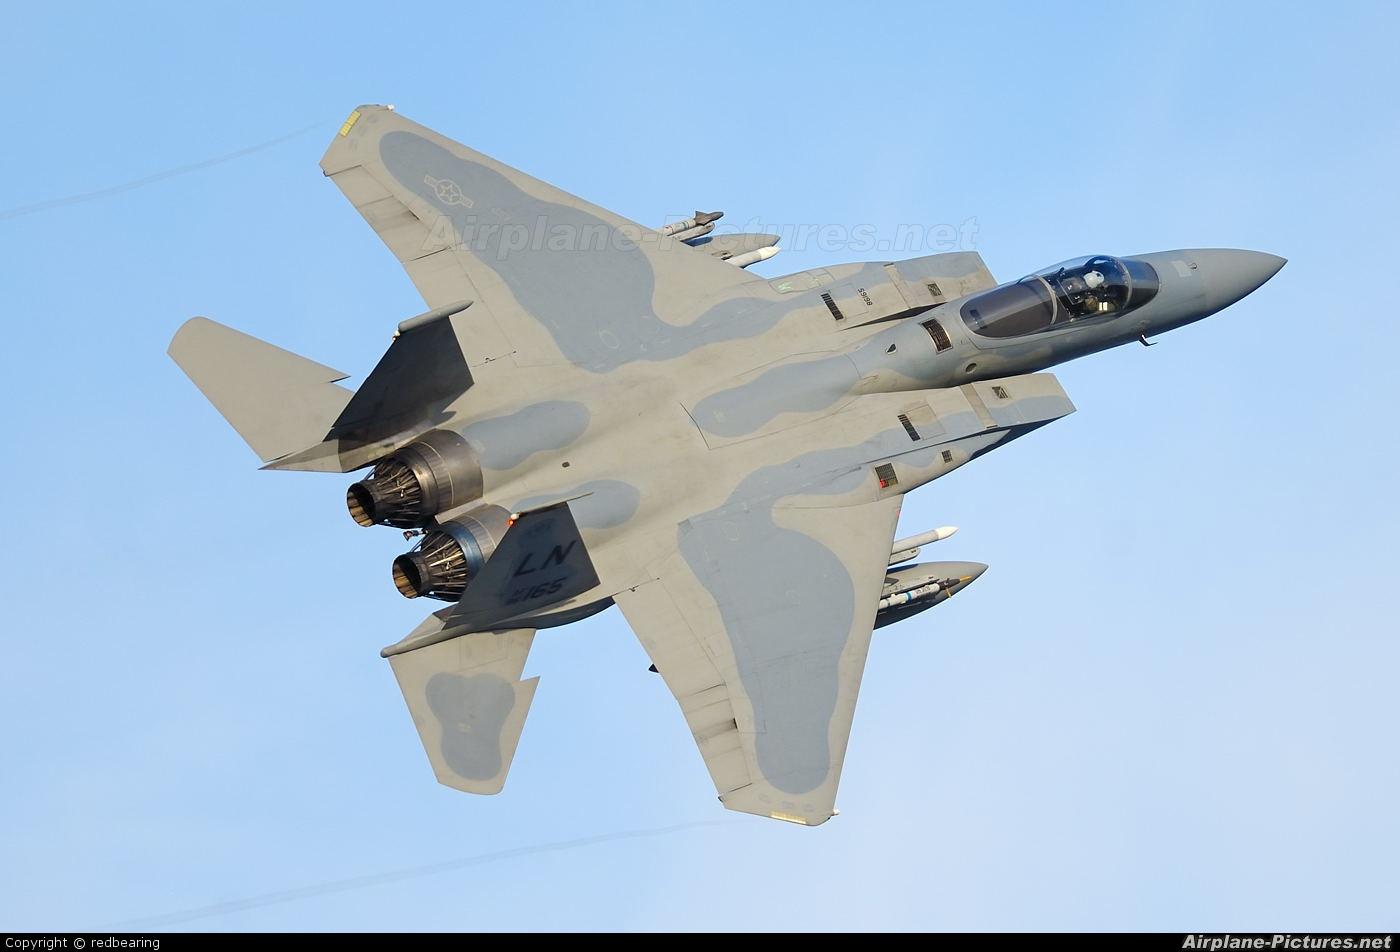 USA - Air Force 86-0165 aircraft at Lakenheath